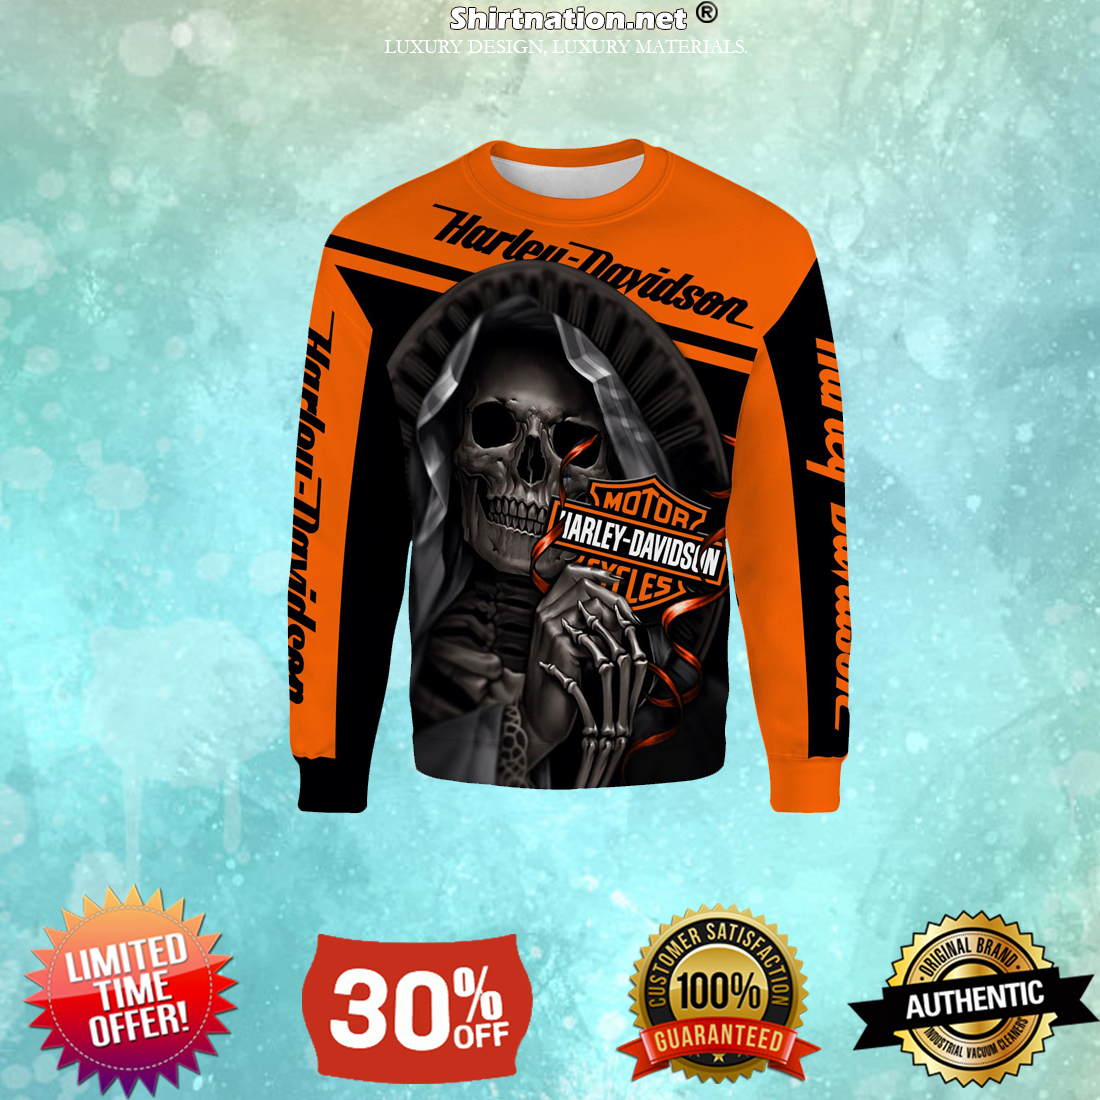 Harley Davidson motorcycle skull hoodie and sweatshirt